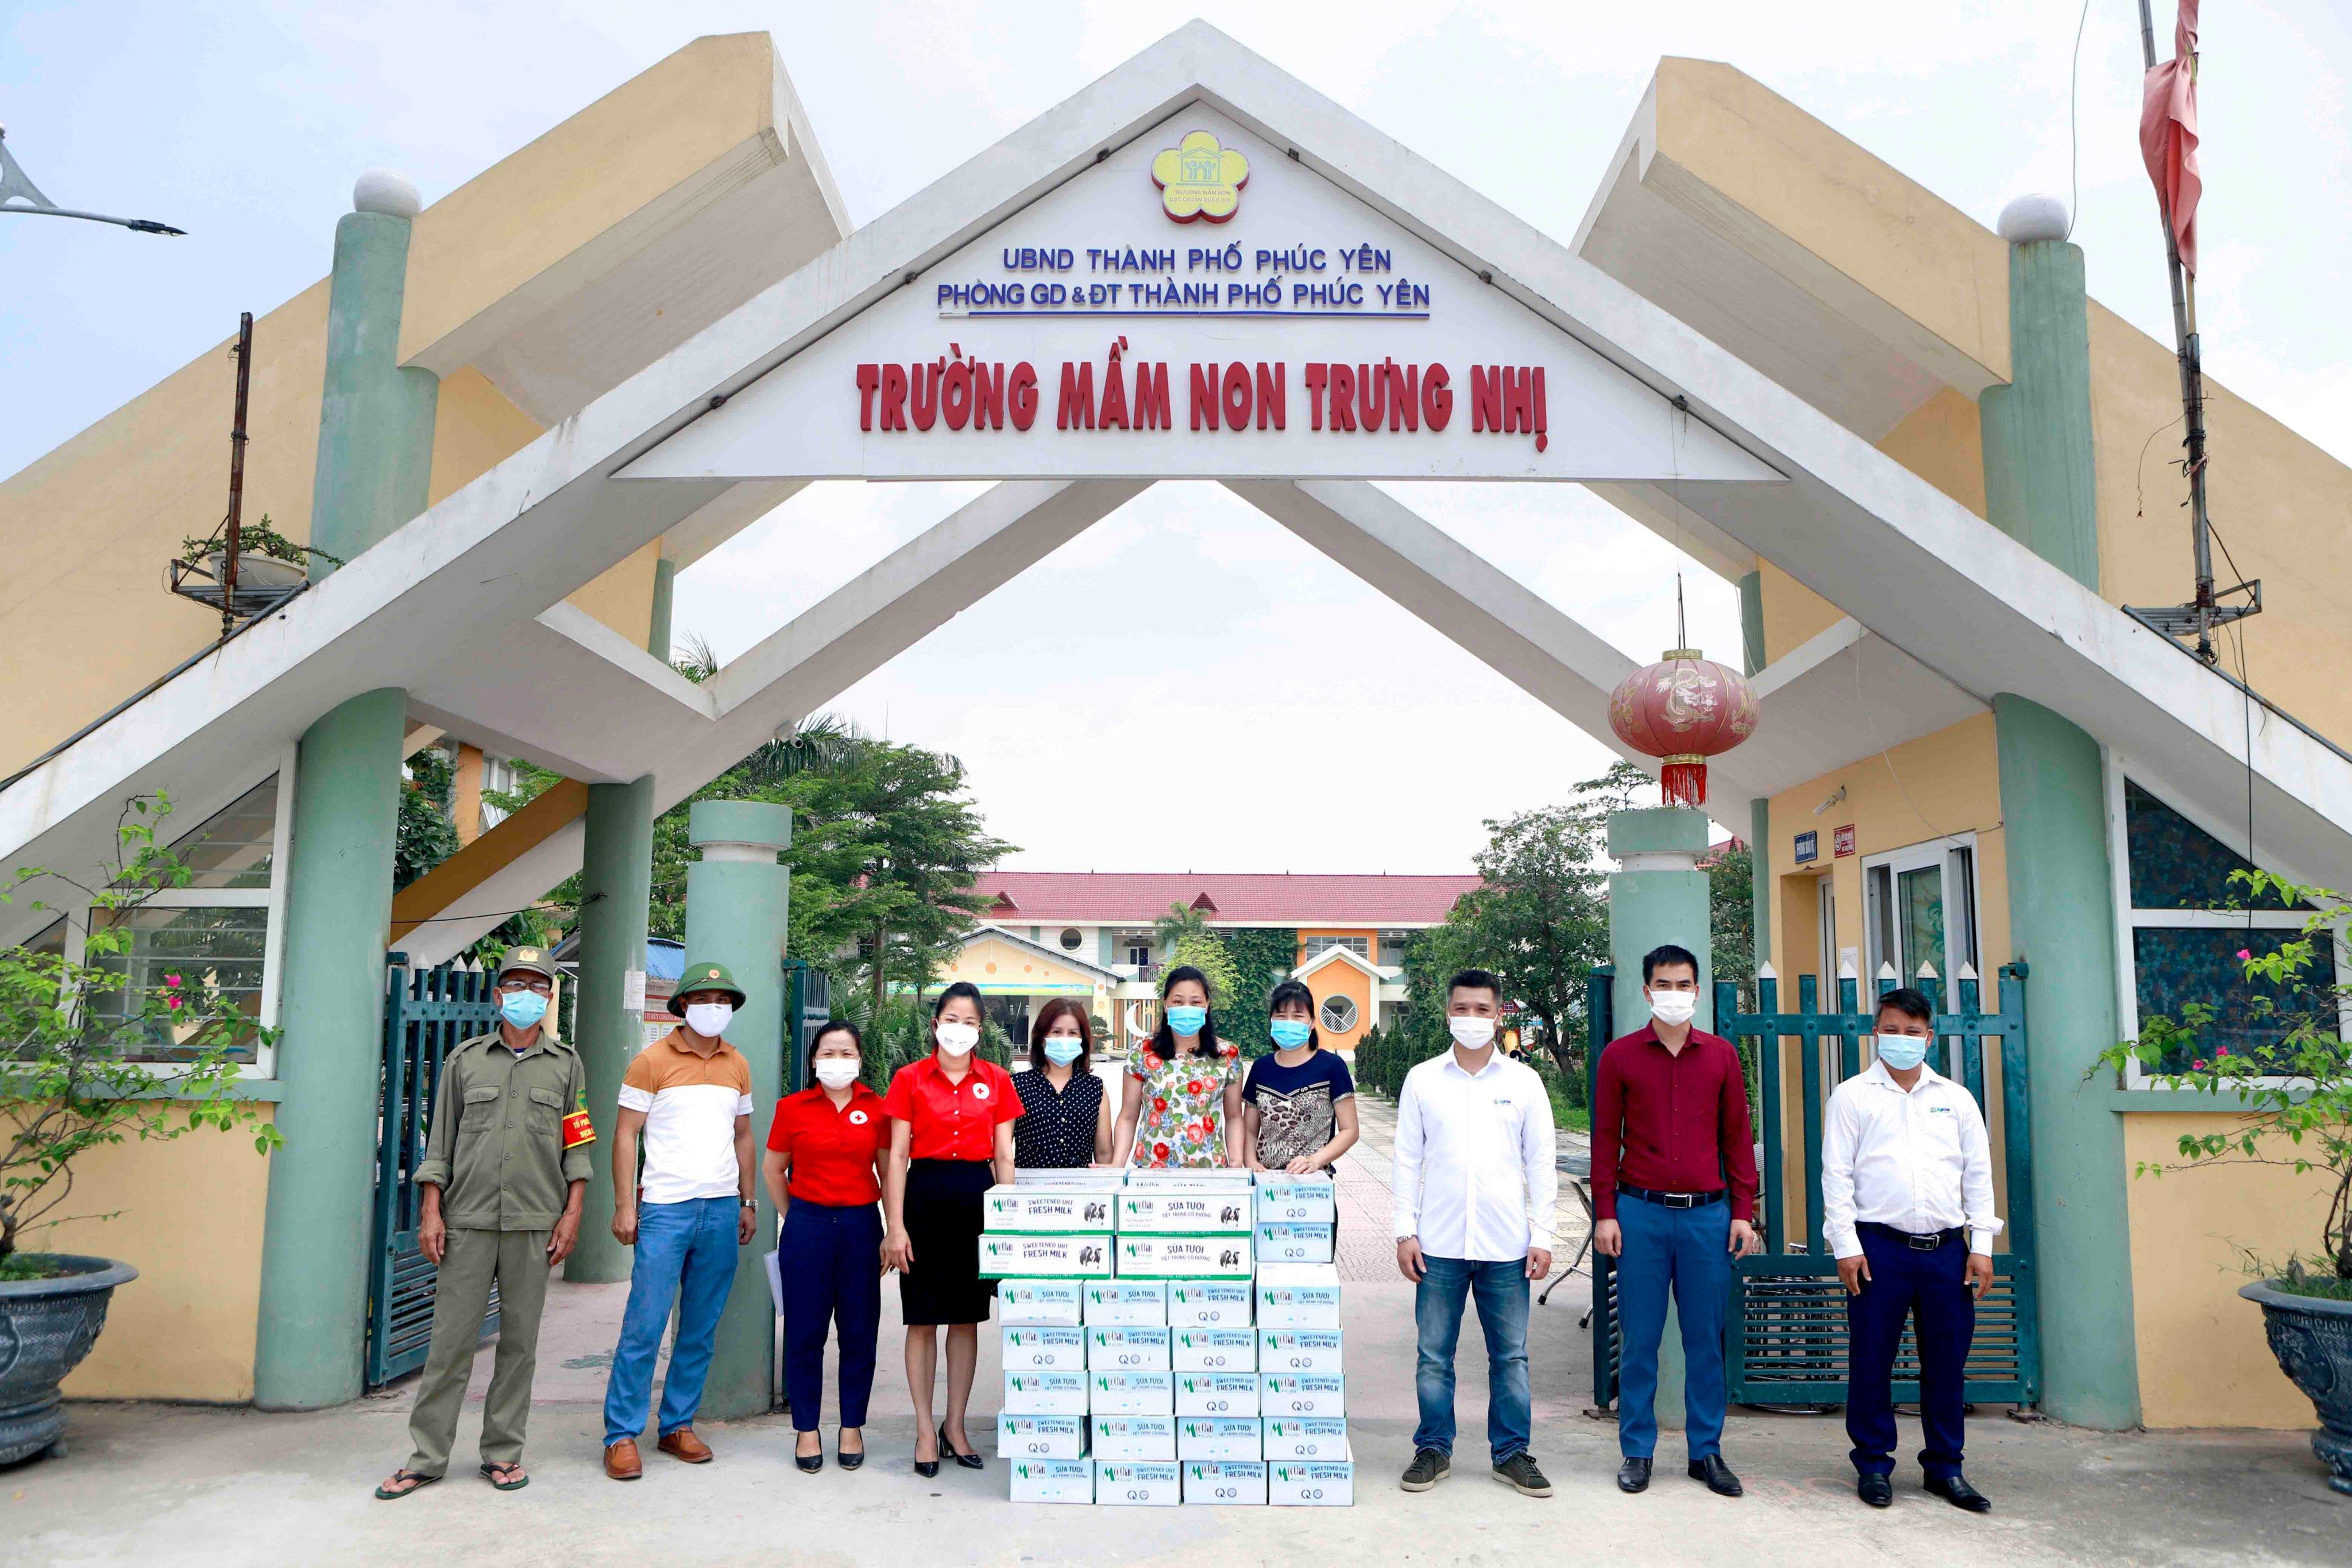 Mộc Châu Milk hỗ trợ hơn 50.000 sản phẩm sữa cho lực lượng tuyến đầu và người dân nơi tâm dịch Covid-19 6